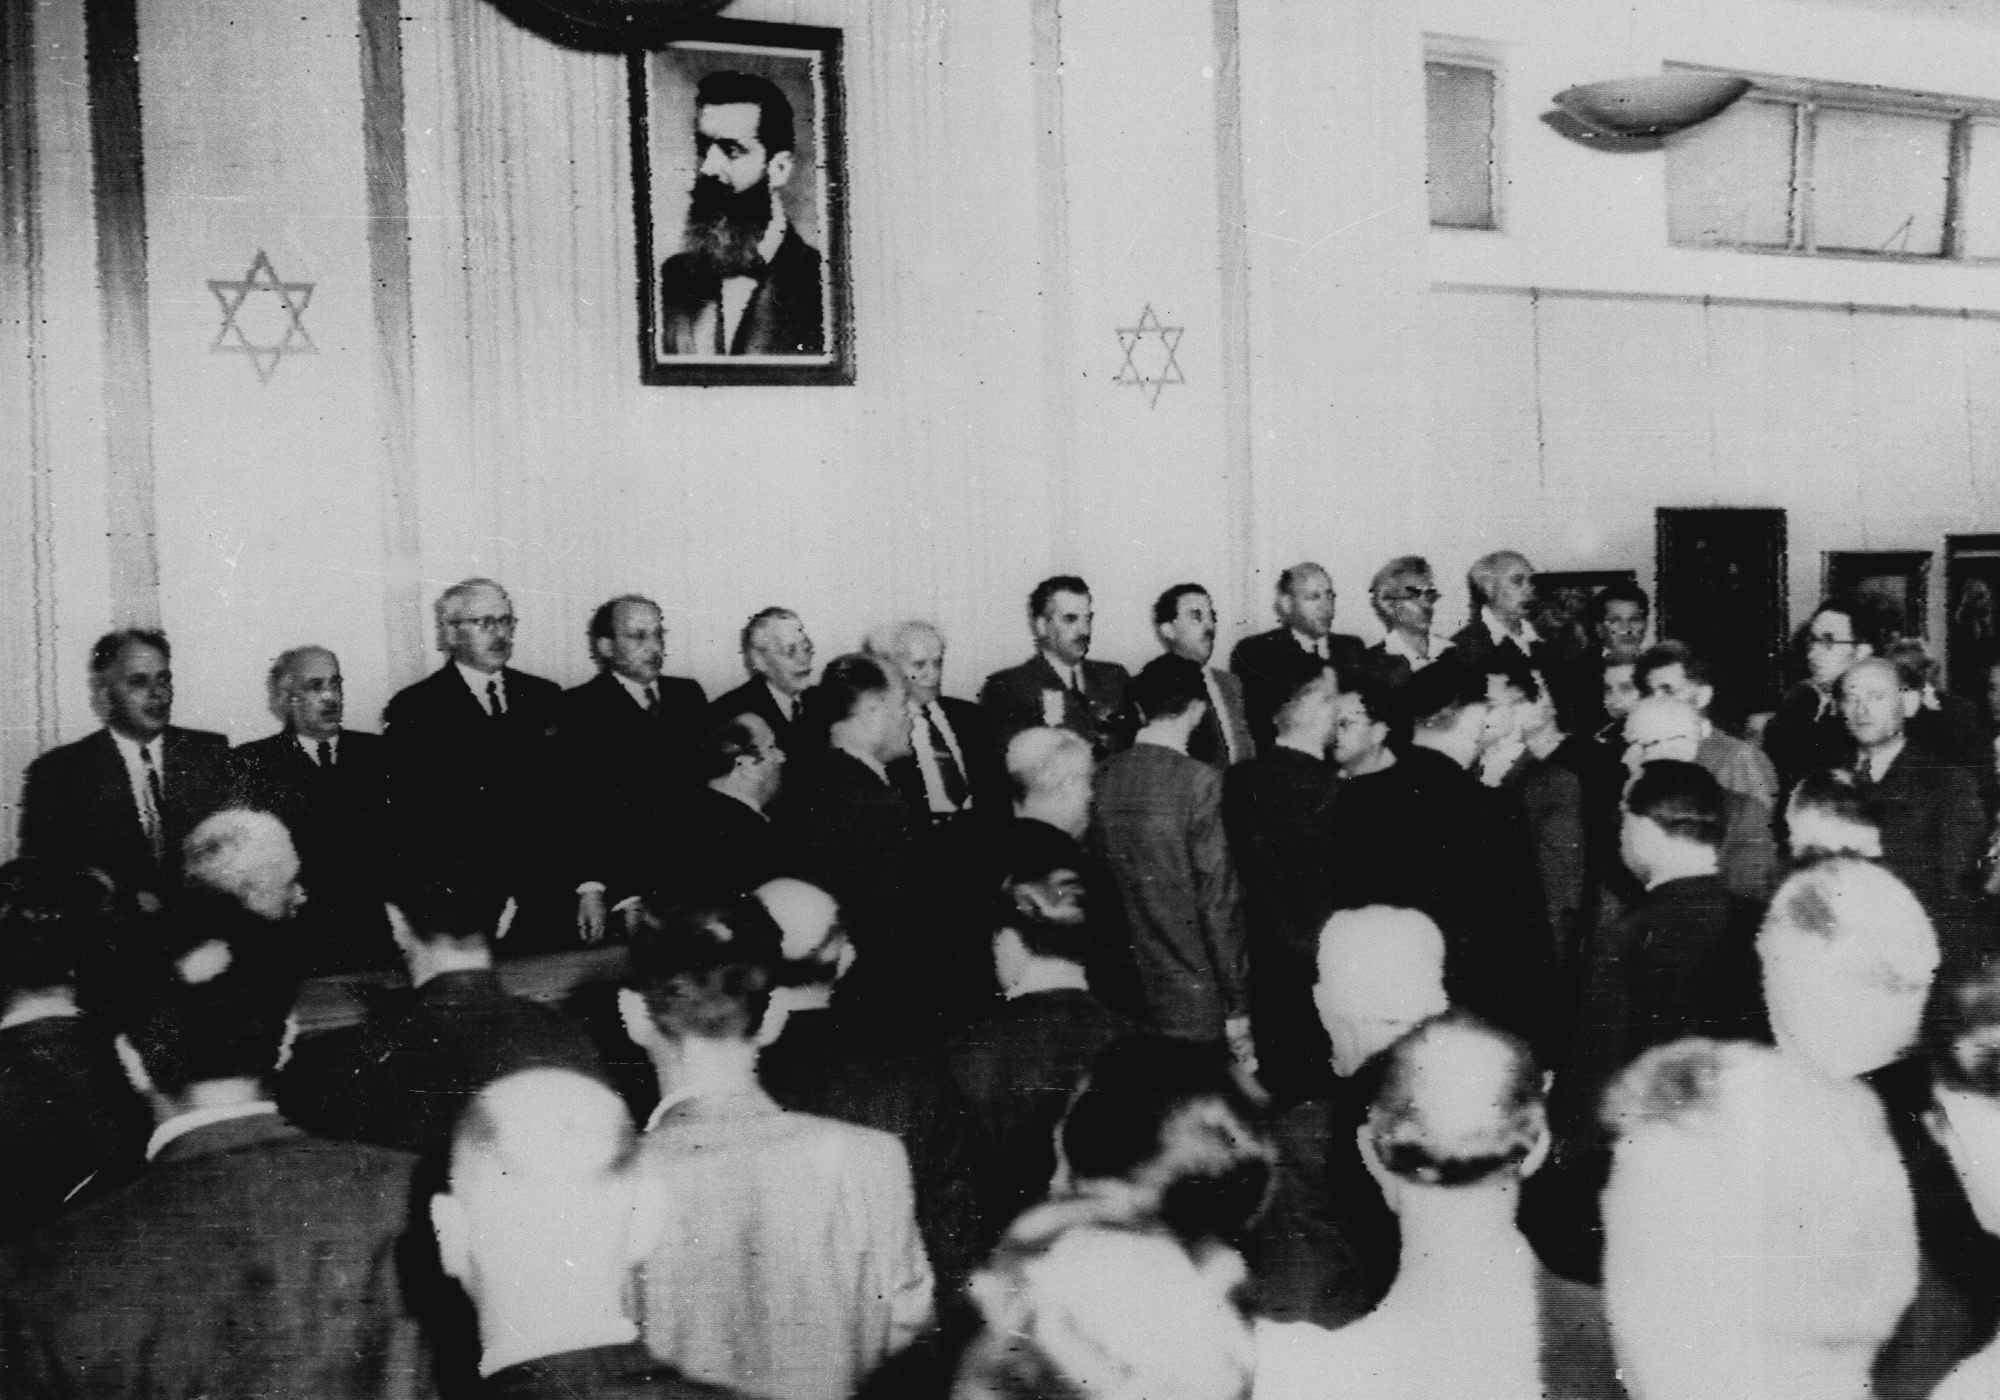 Кабинет министров нового государства Израиль поет «Хатиква», еврейский национальный гимн, 14 мая на церемонии в Художественном музее Тель-Авива, отмечая создание нового государства